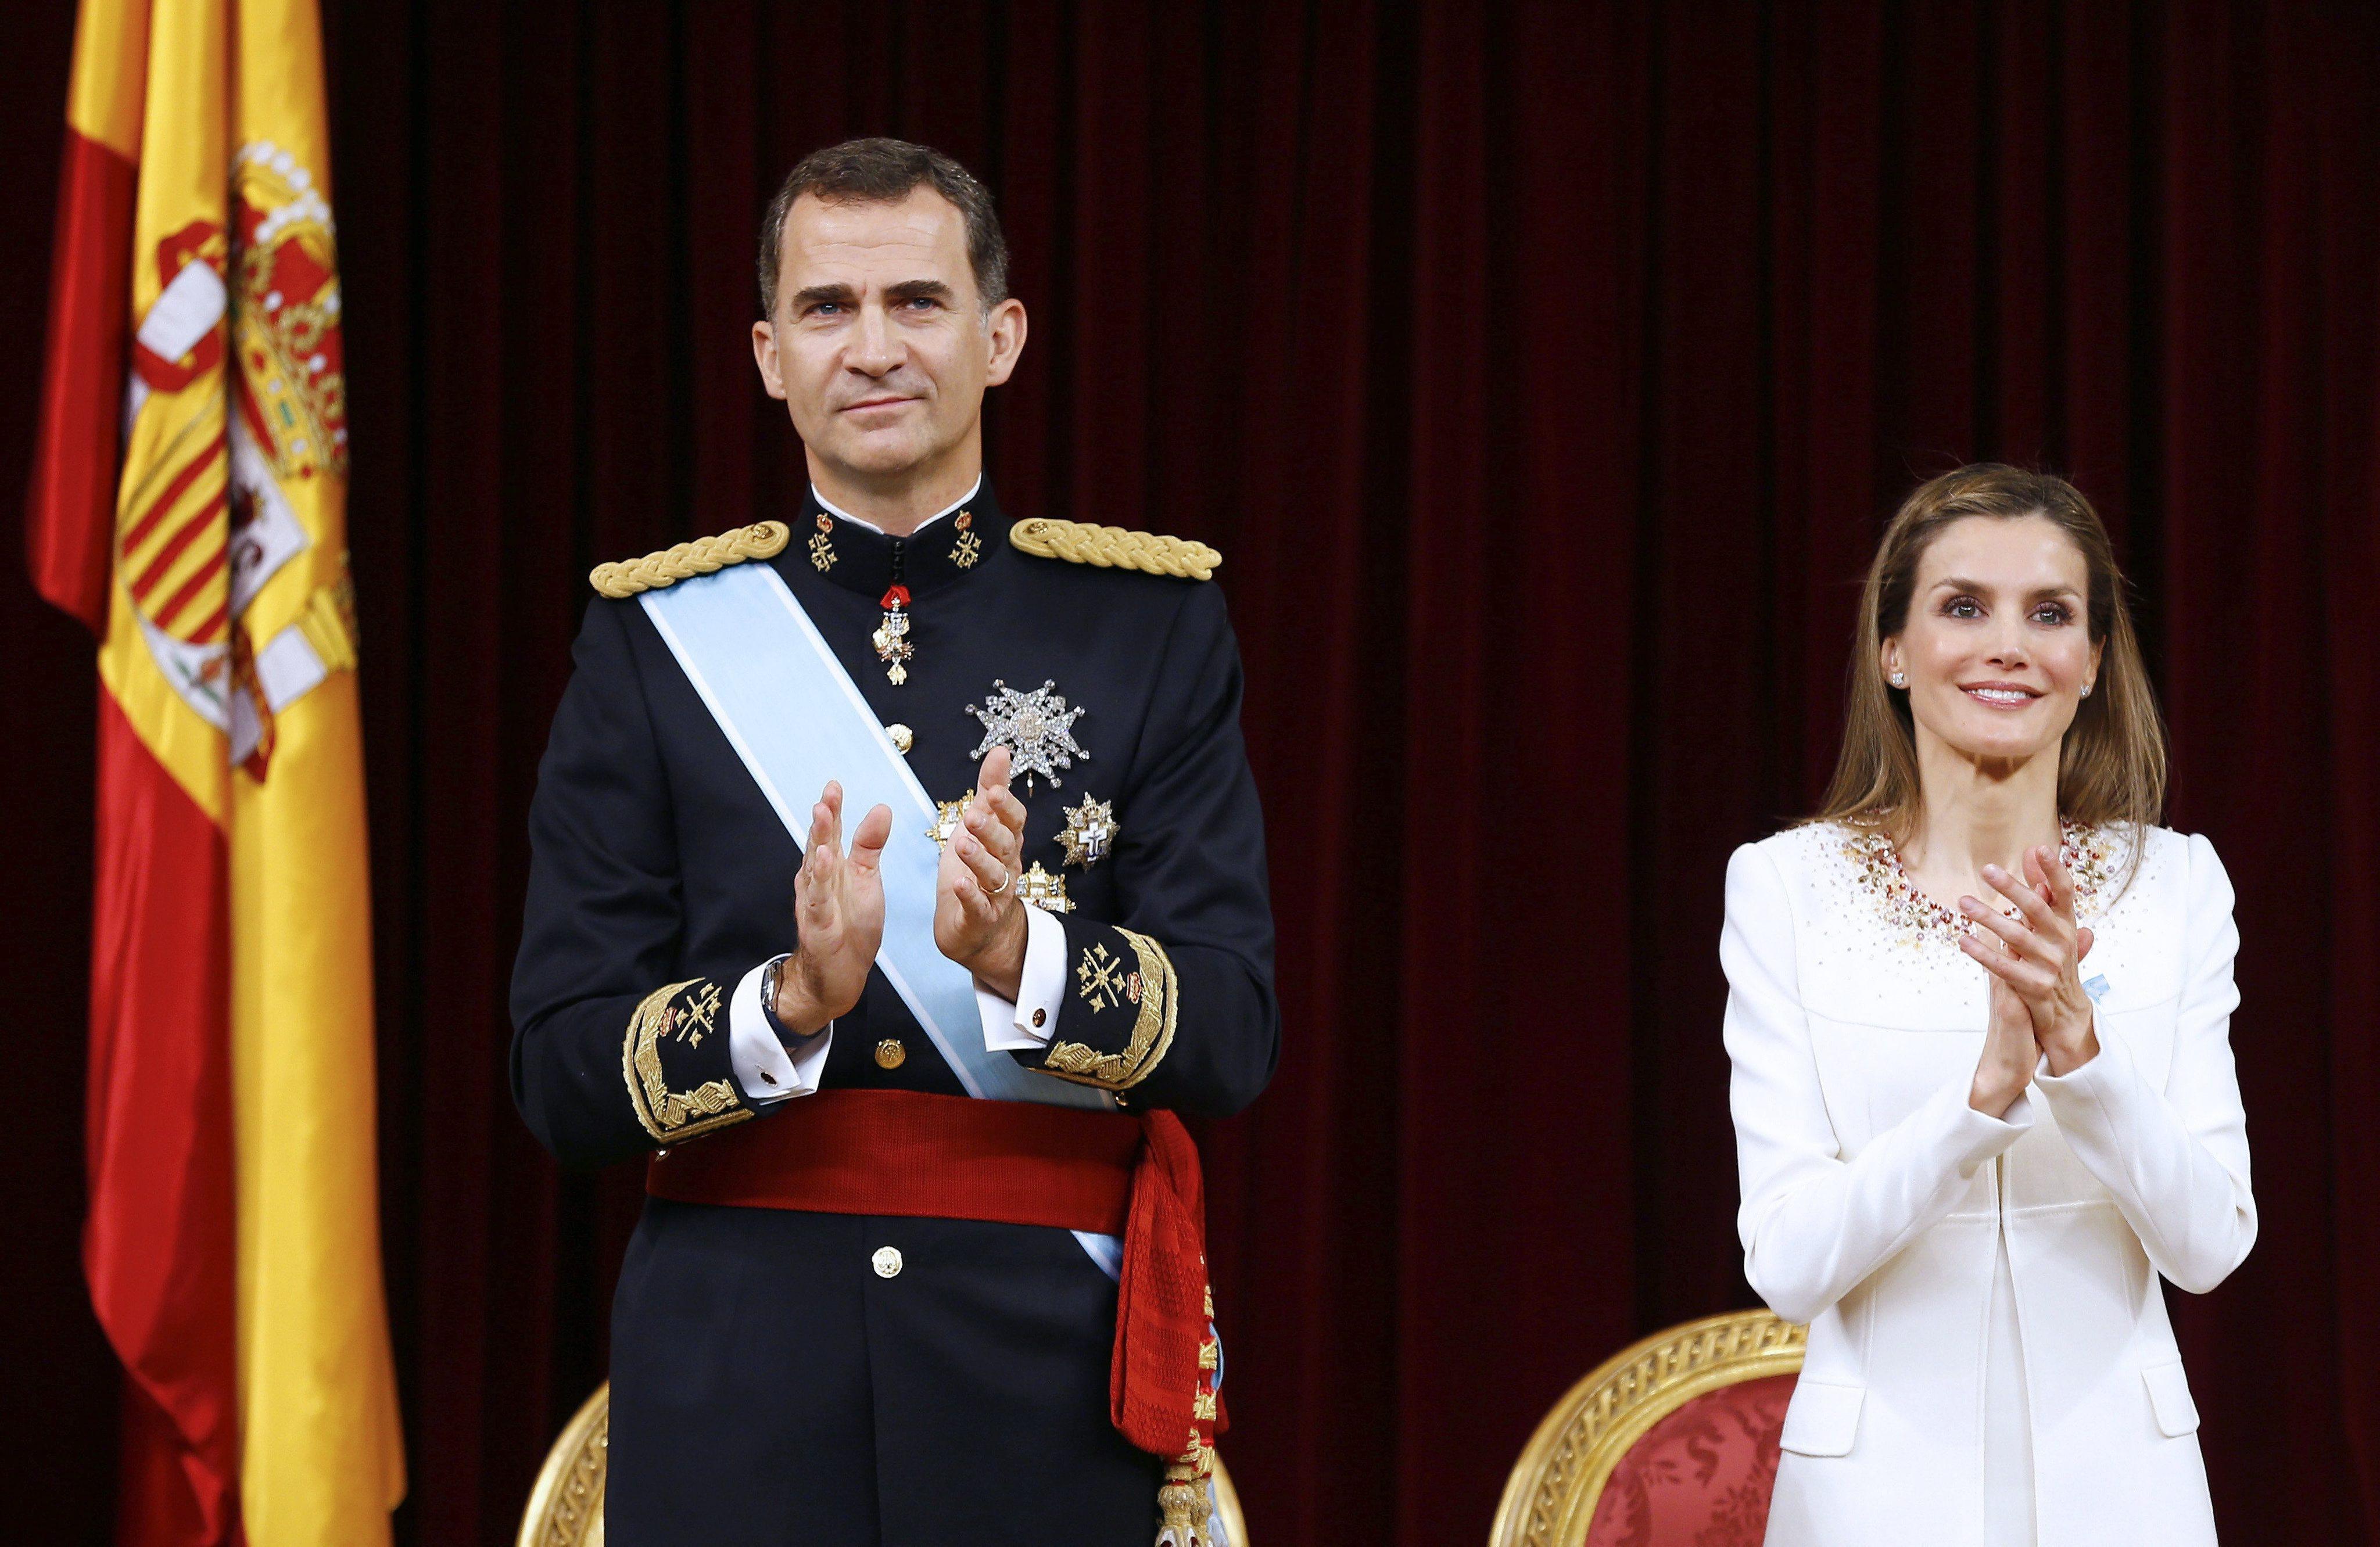 Король Испании Филипп VI с супругой Летисией во время церемонии вступления на престол